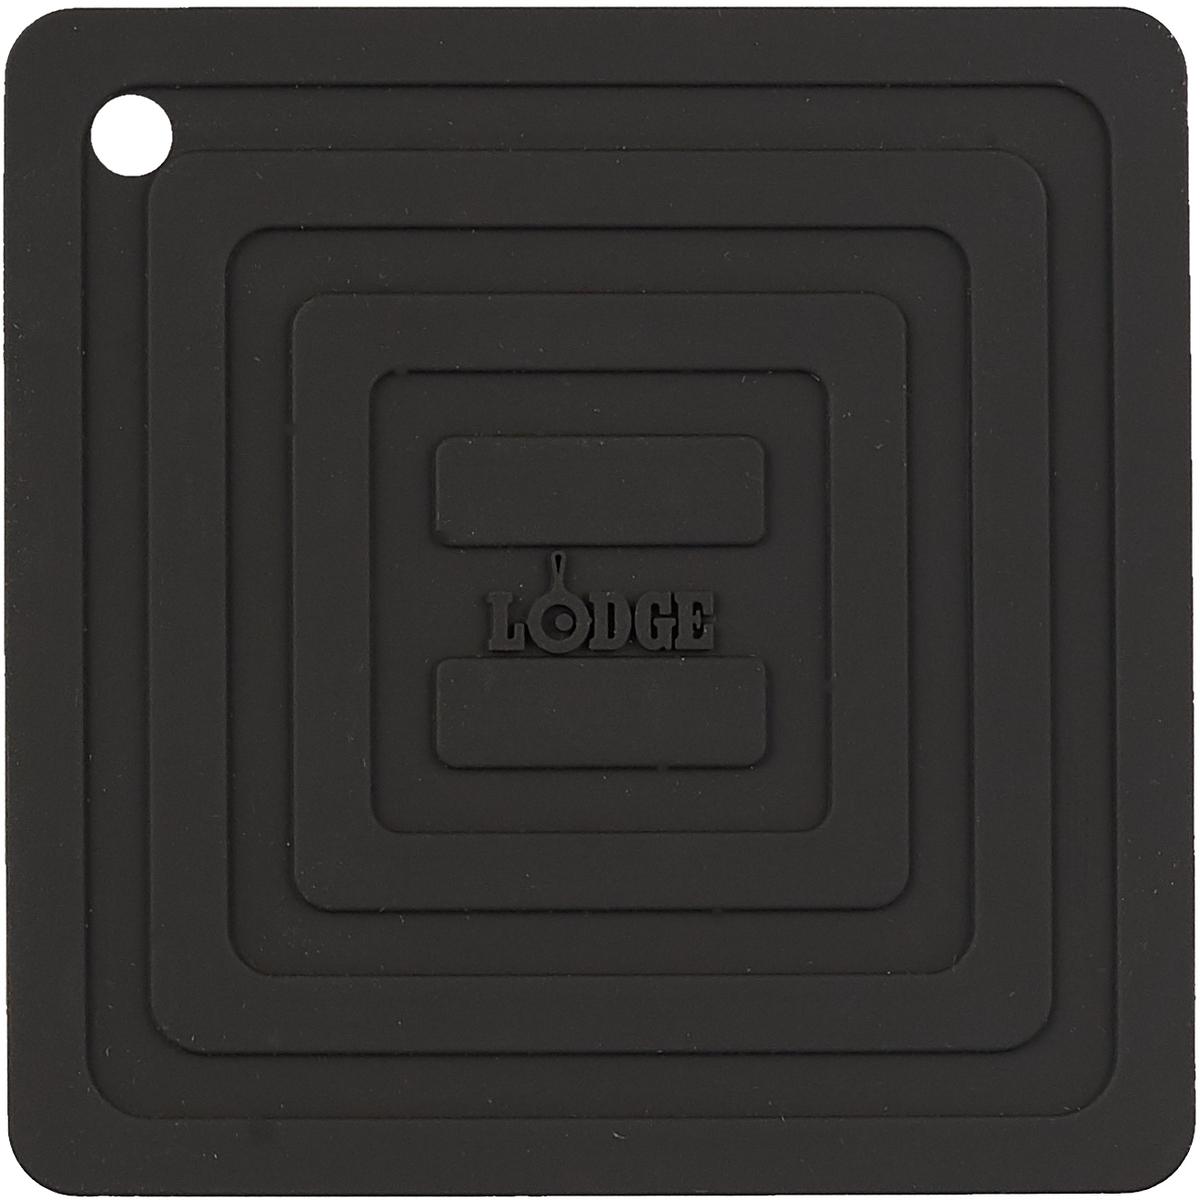 Подставка под горячее Lodge, силиконовая, цвет: черный, 15 х 15 смAS6S11